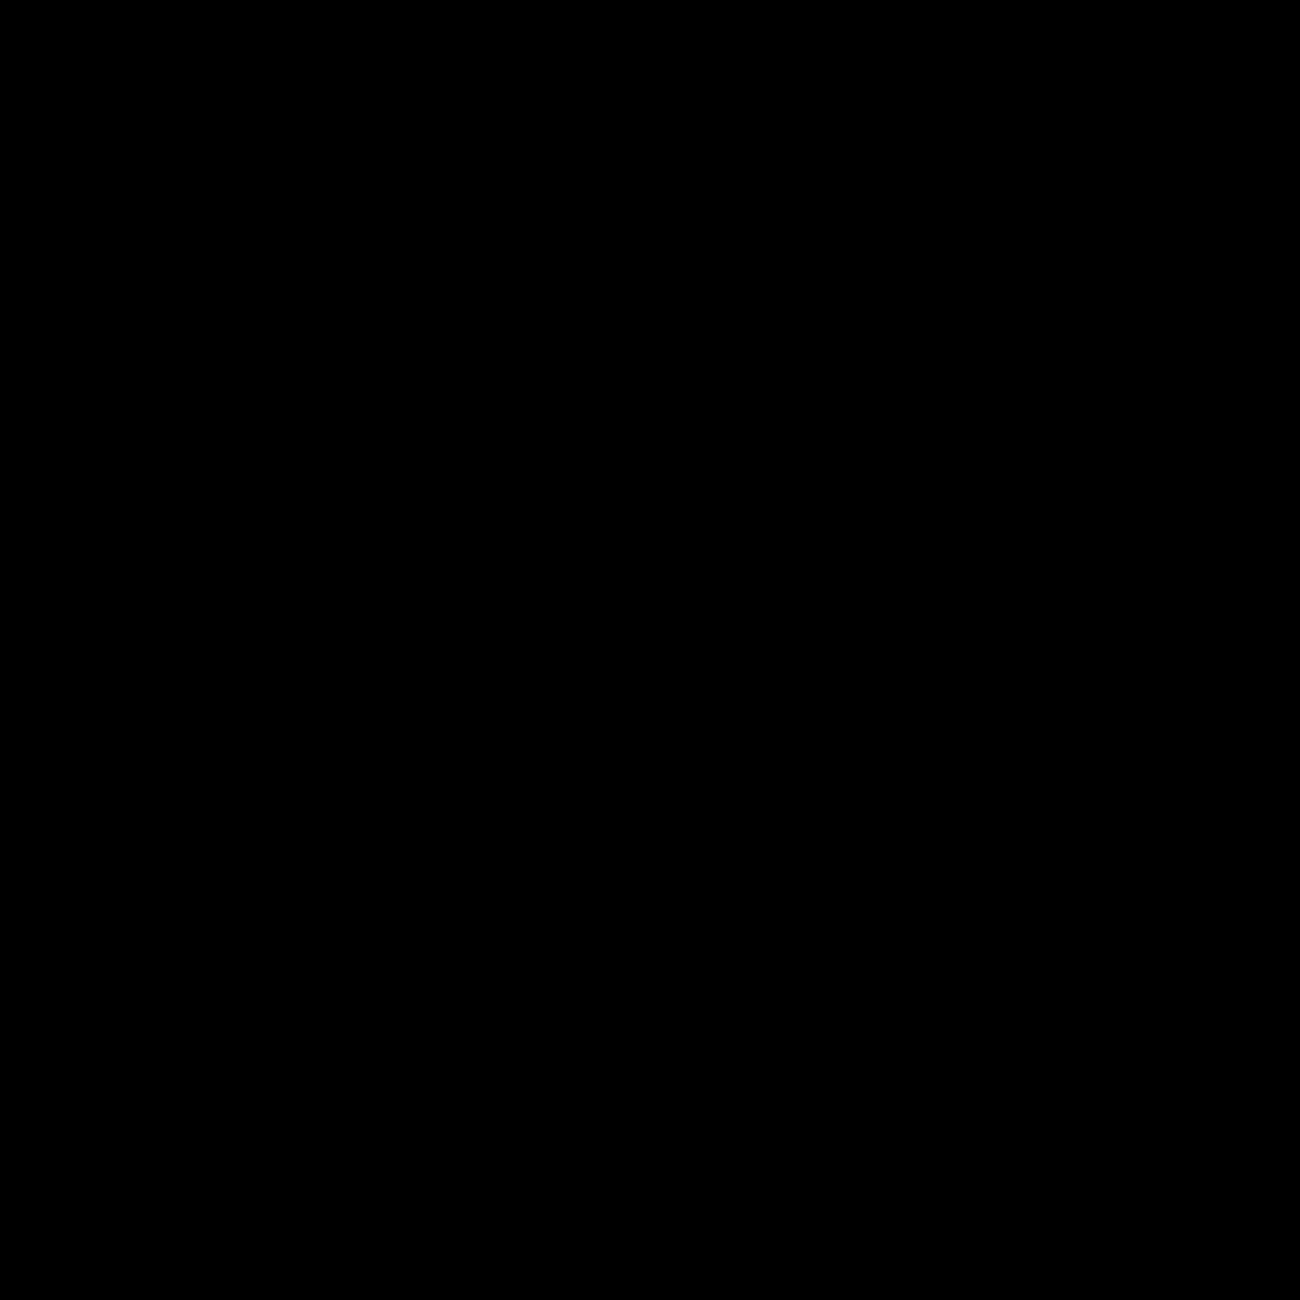 ZZPELIN Roze – Pelin Frizzante